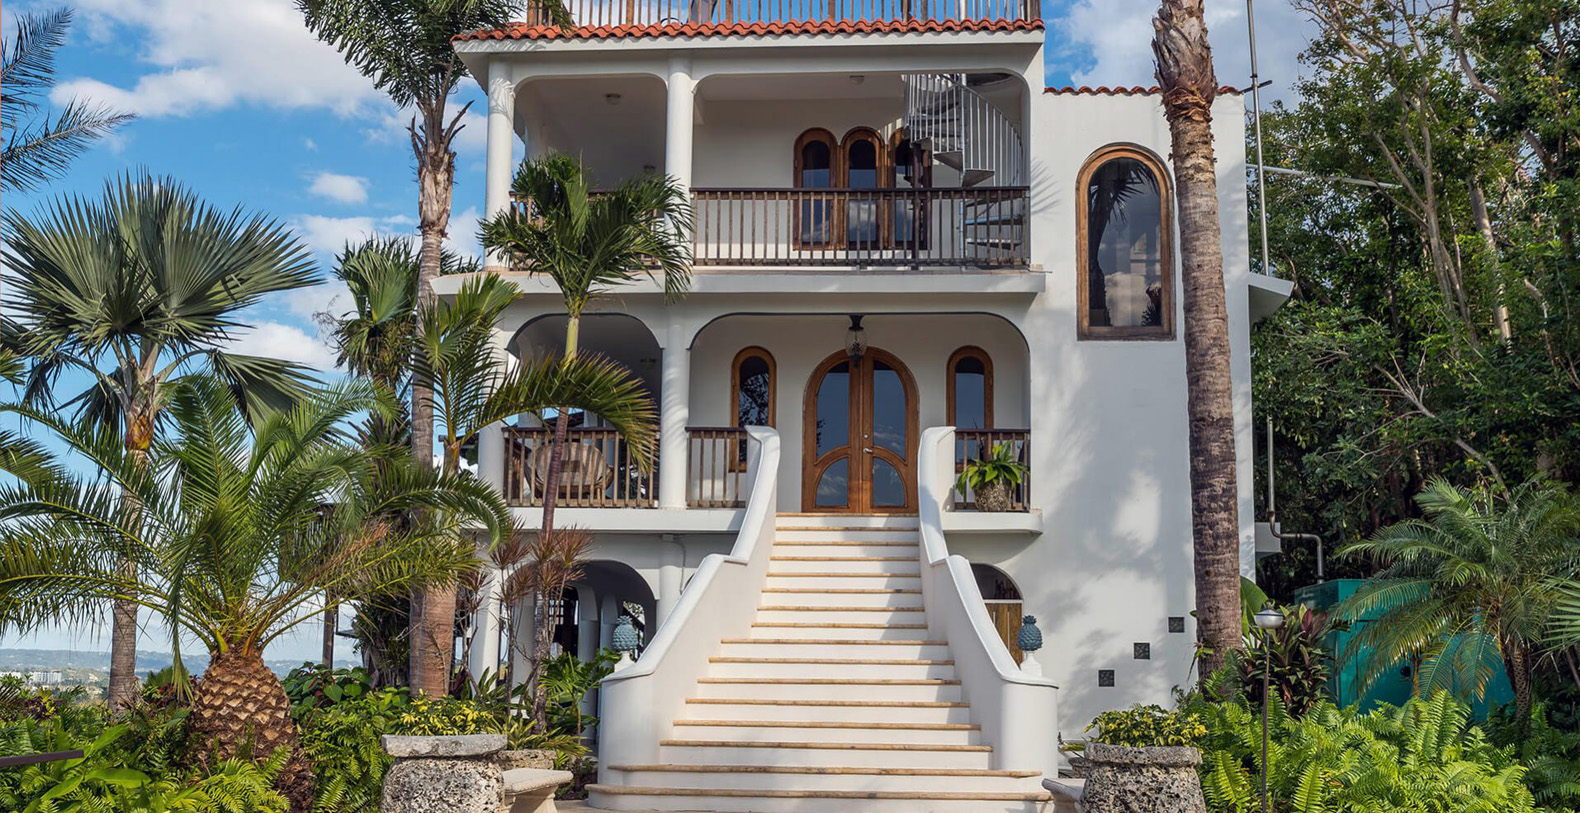 Puerto Rico Vacation Rentals by Owner, Puerto Rico Villas, Puerto